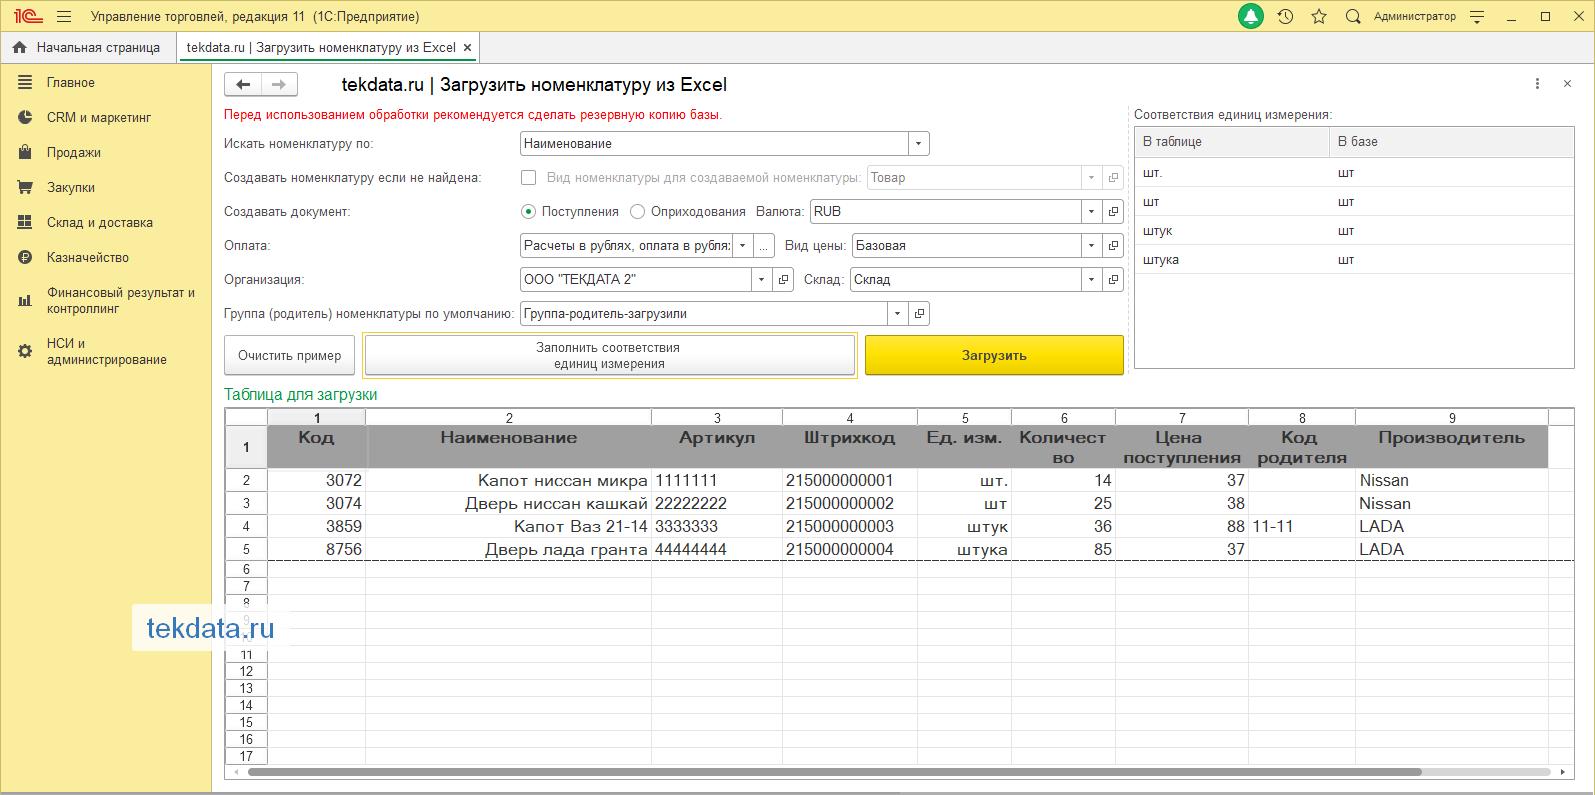 Загрузка номенклатуры, цен, остатков, документов приобретения или оприходования из Excel в 1С:УТ 11.4 (с колонкой Производитель) (Внешняя обработка)